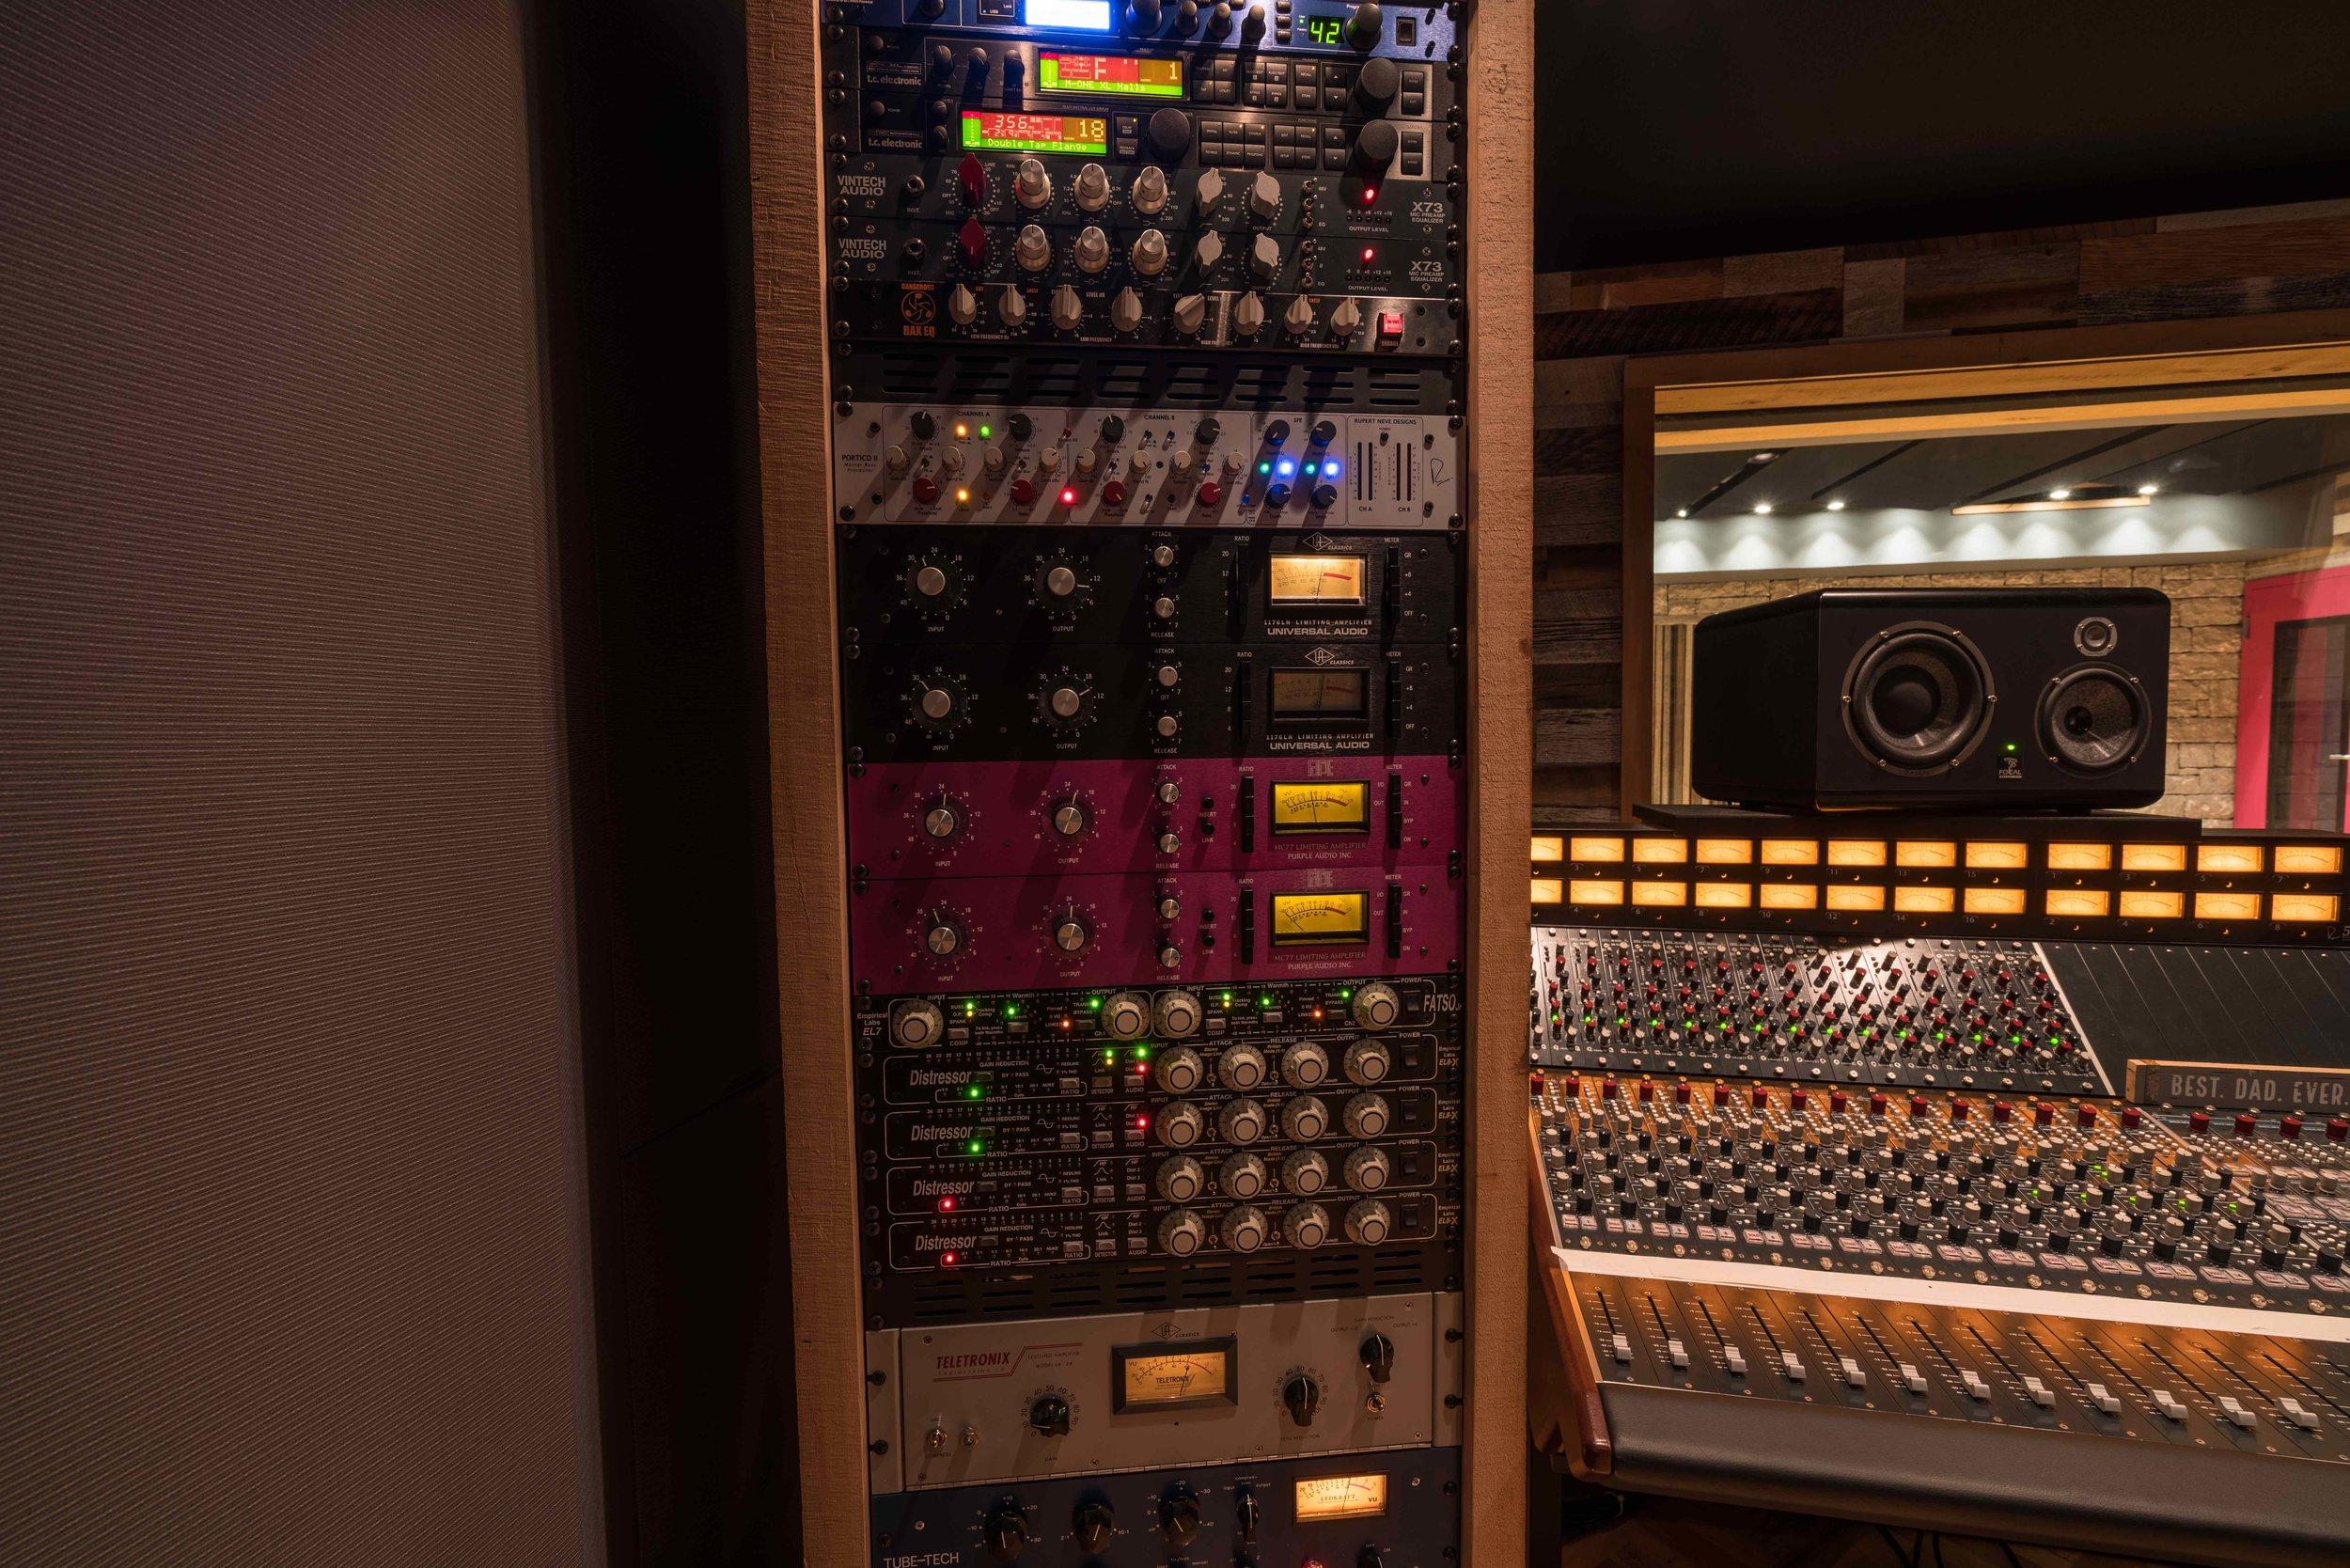 Leeds Recording Studio gear